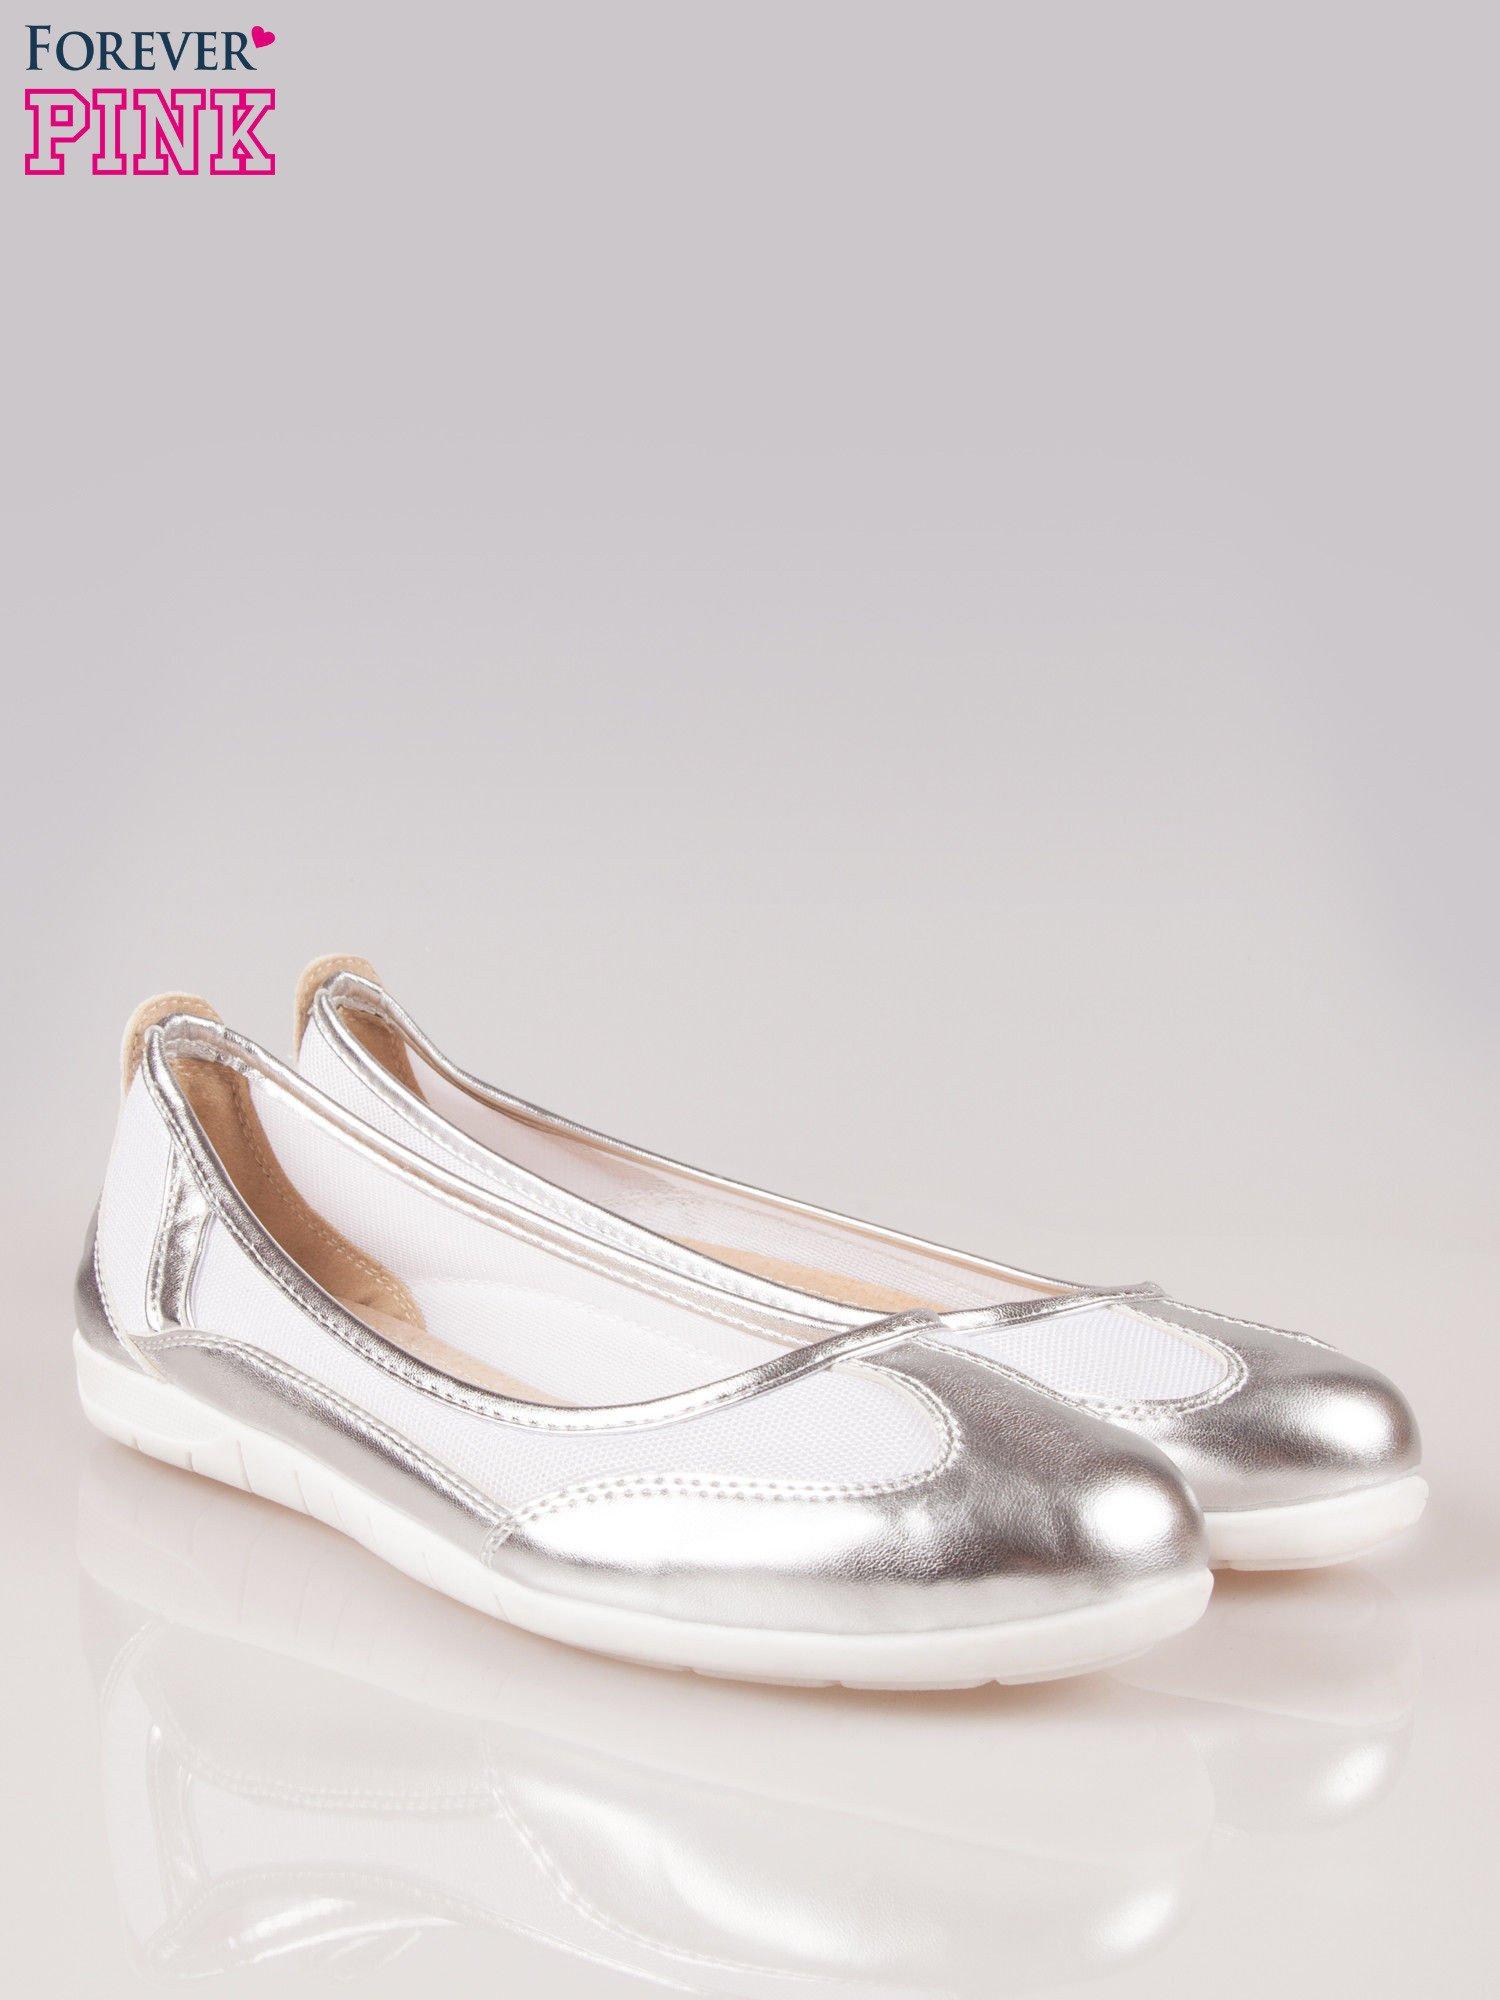 Srebrne siateczkowe baleriny Comfort w sportowym stylu                                  zdj.                                  2